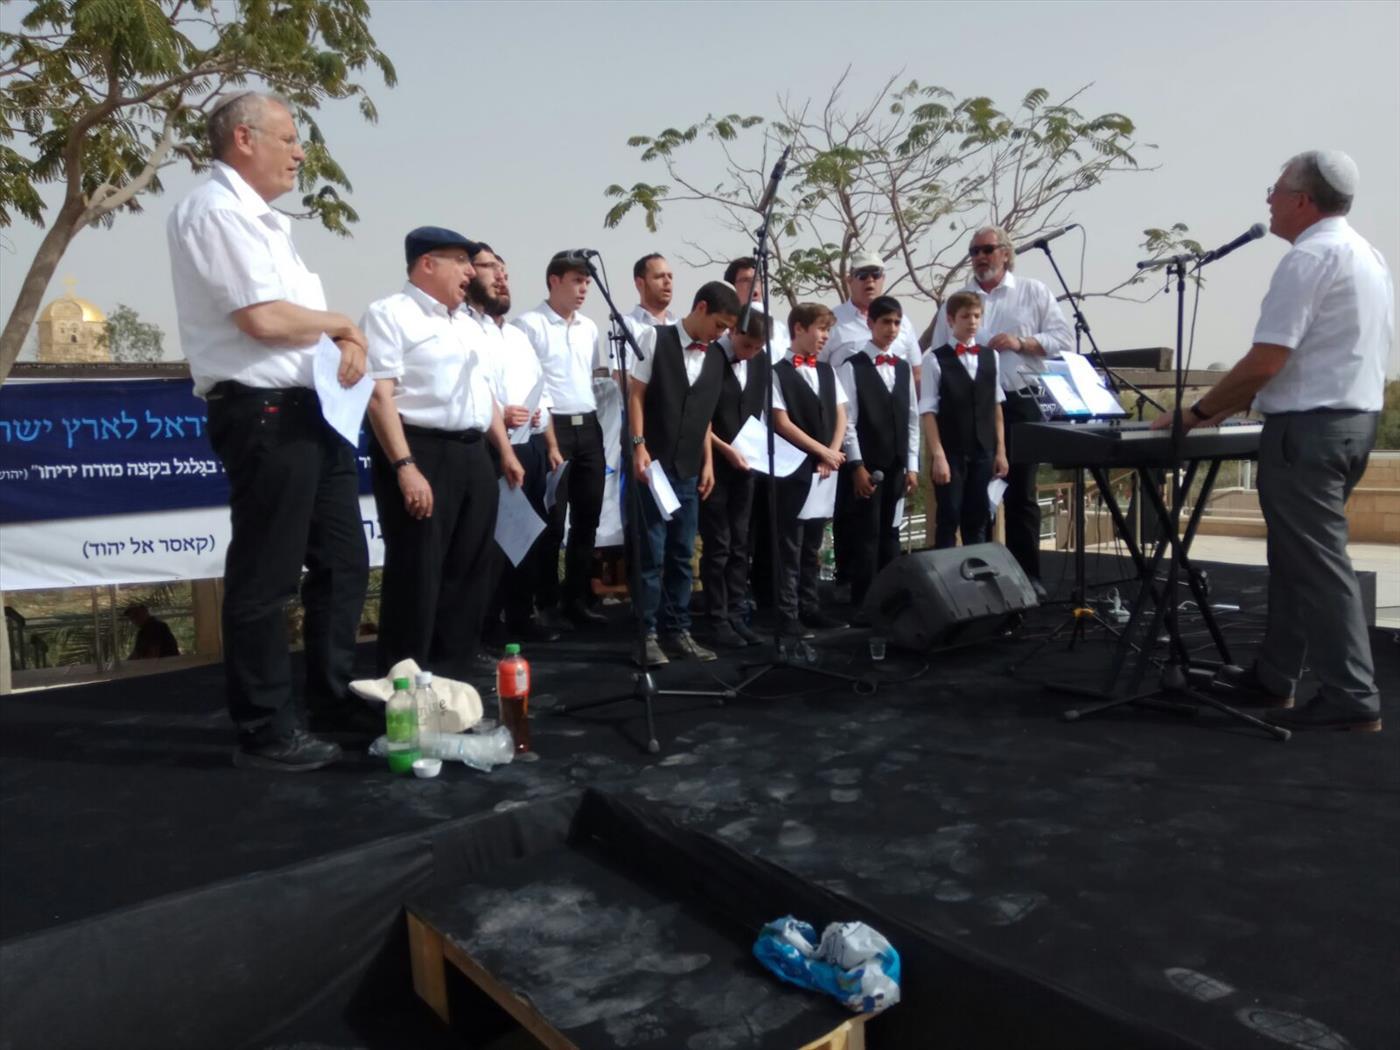 הטקס ביריחו  (שלמה וסרטייל)